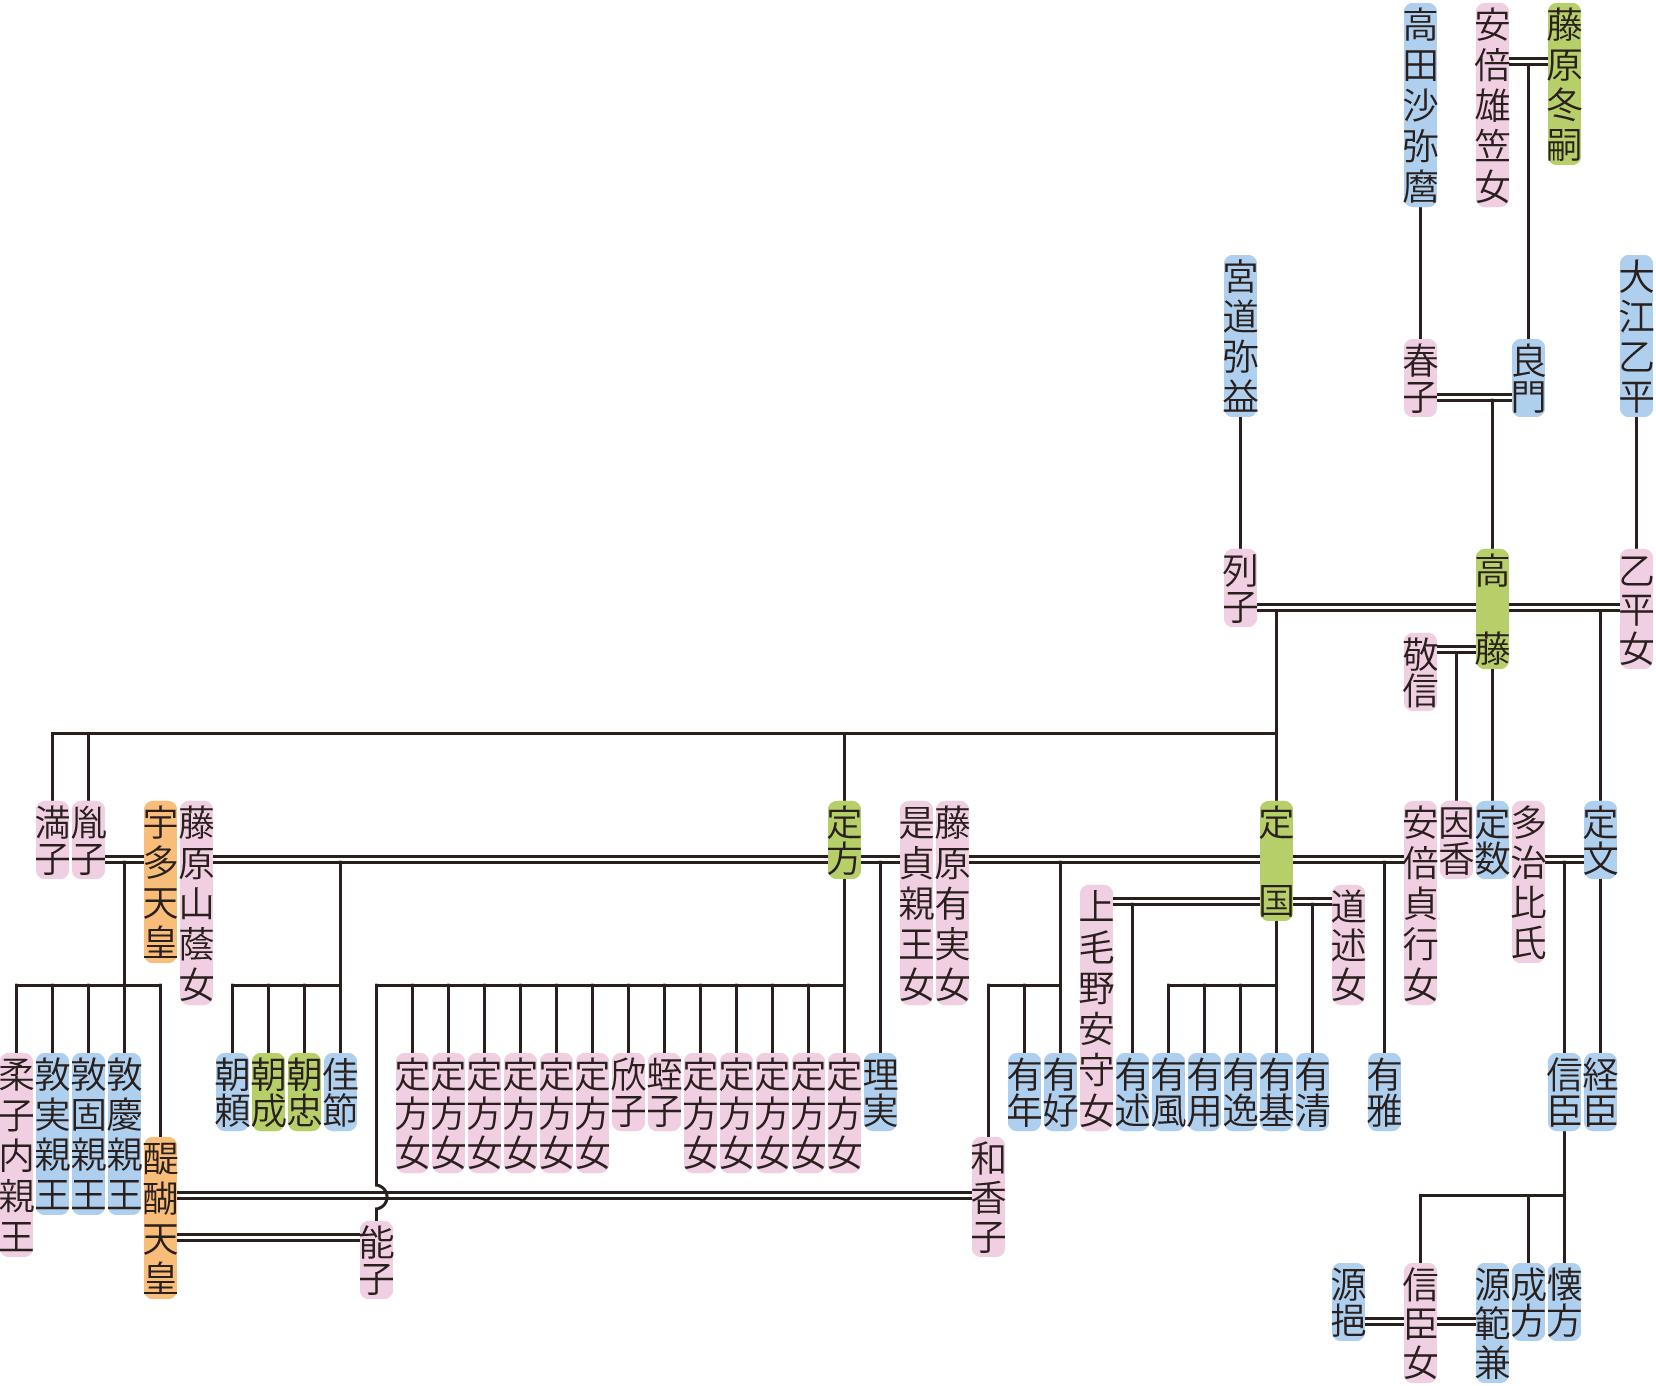 藤原高藤の系図